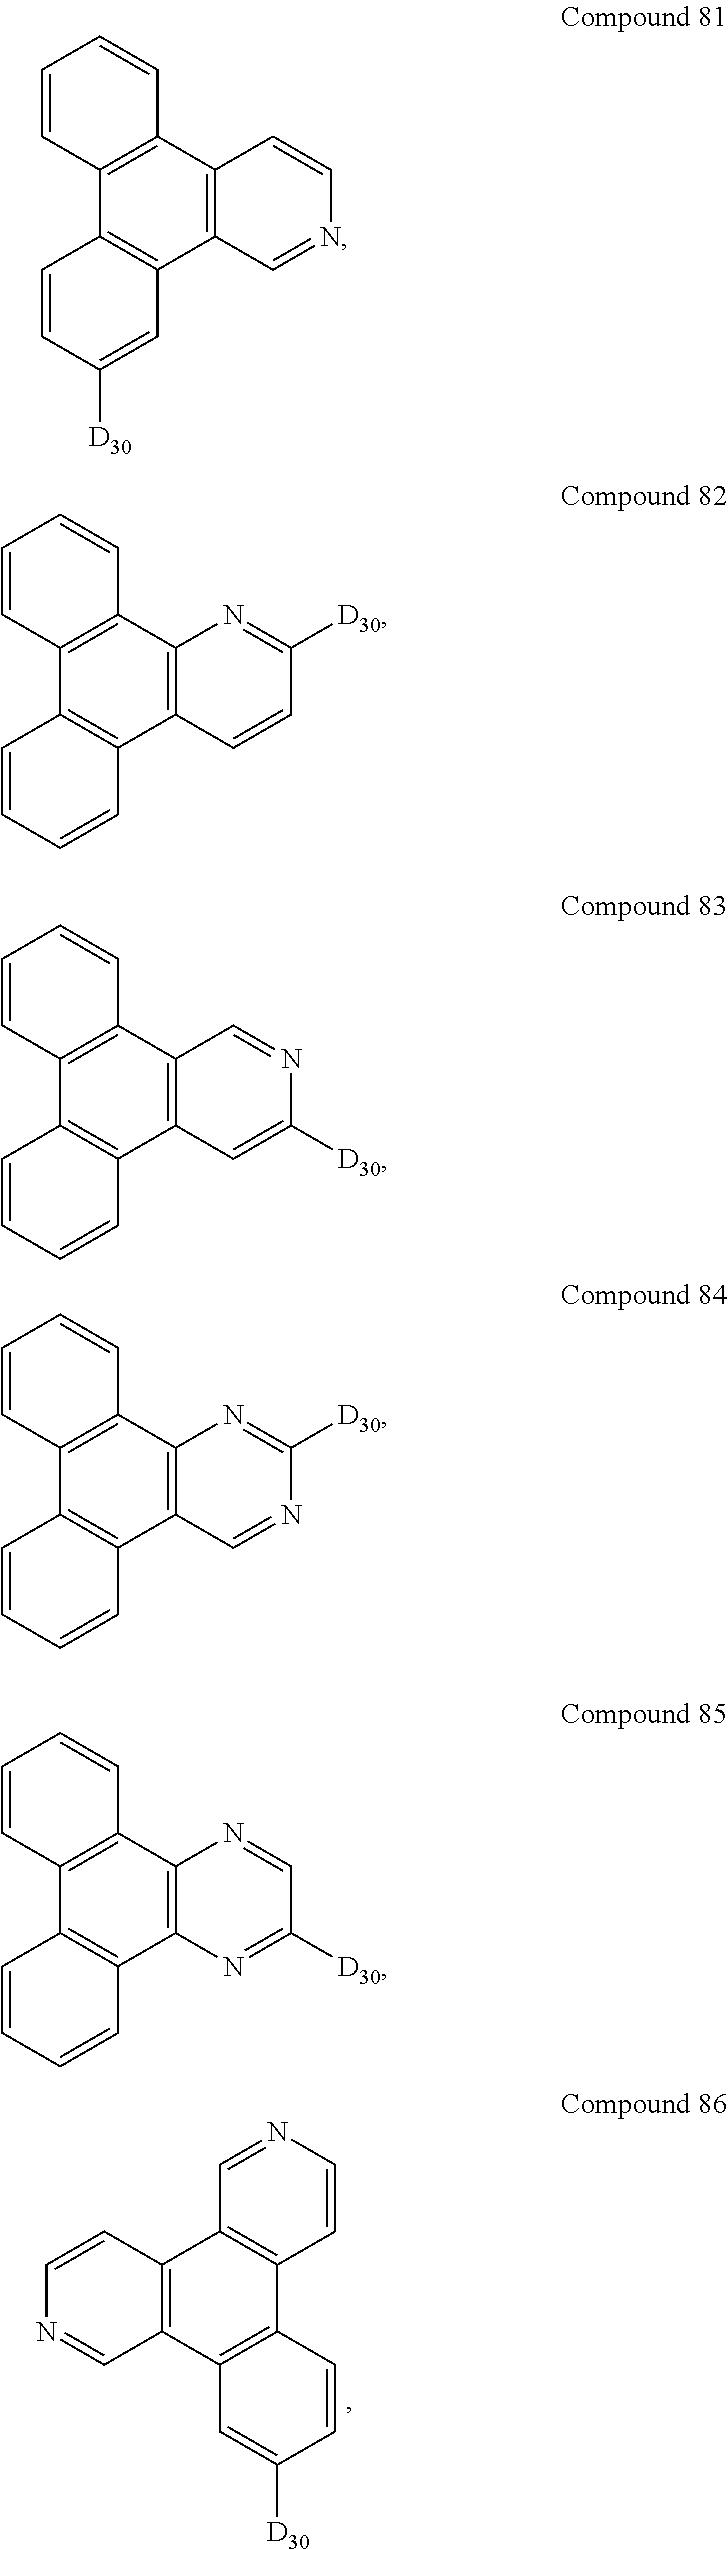 Figure US09537106-20170103-C00175